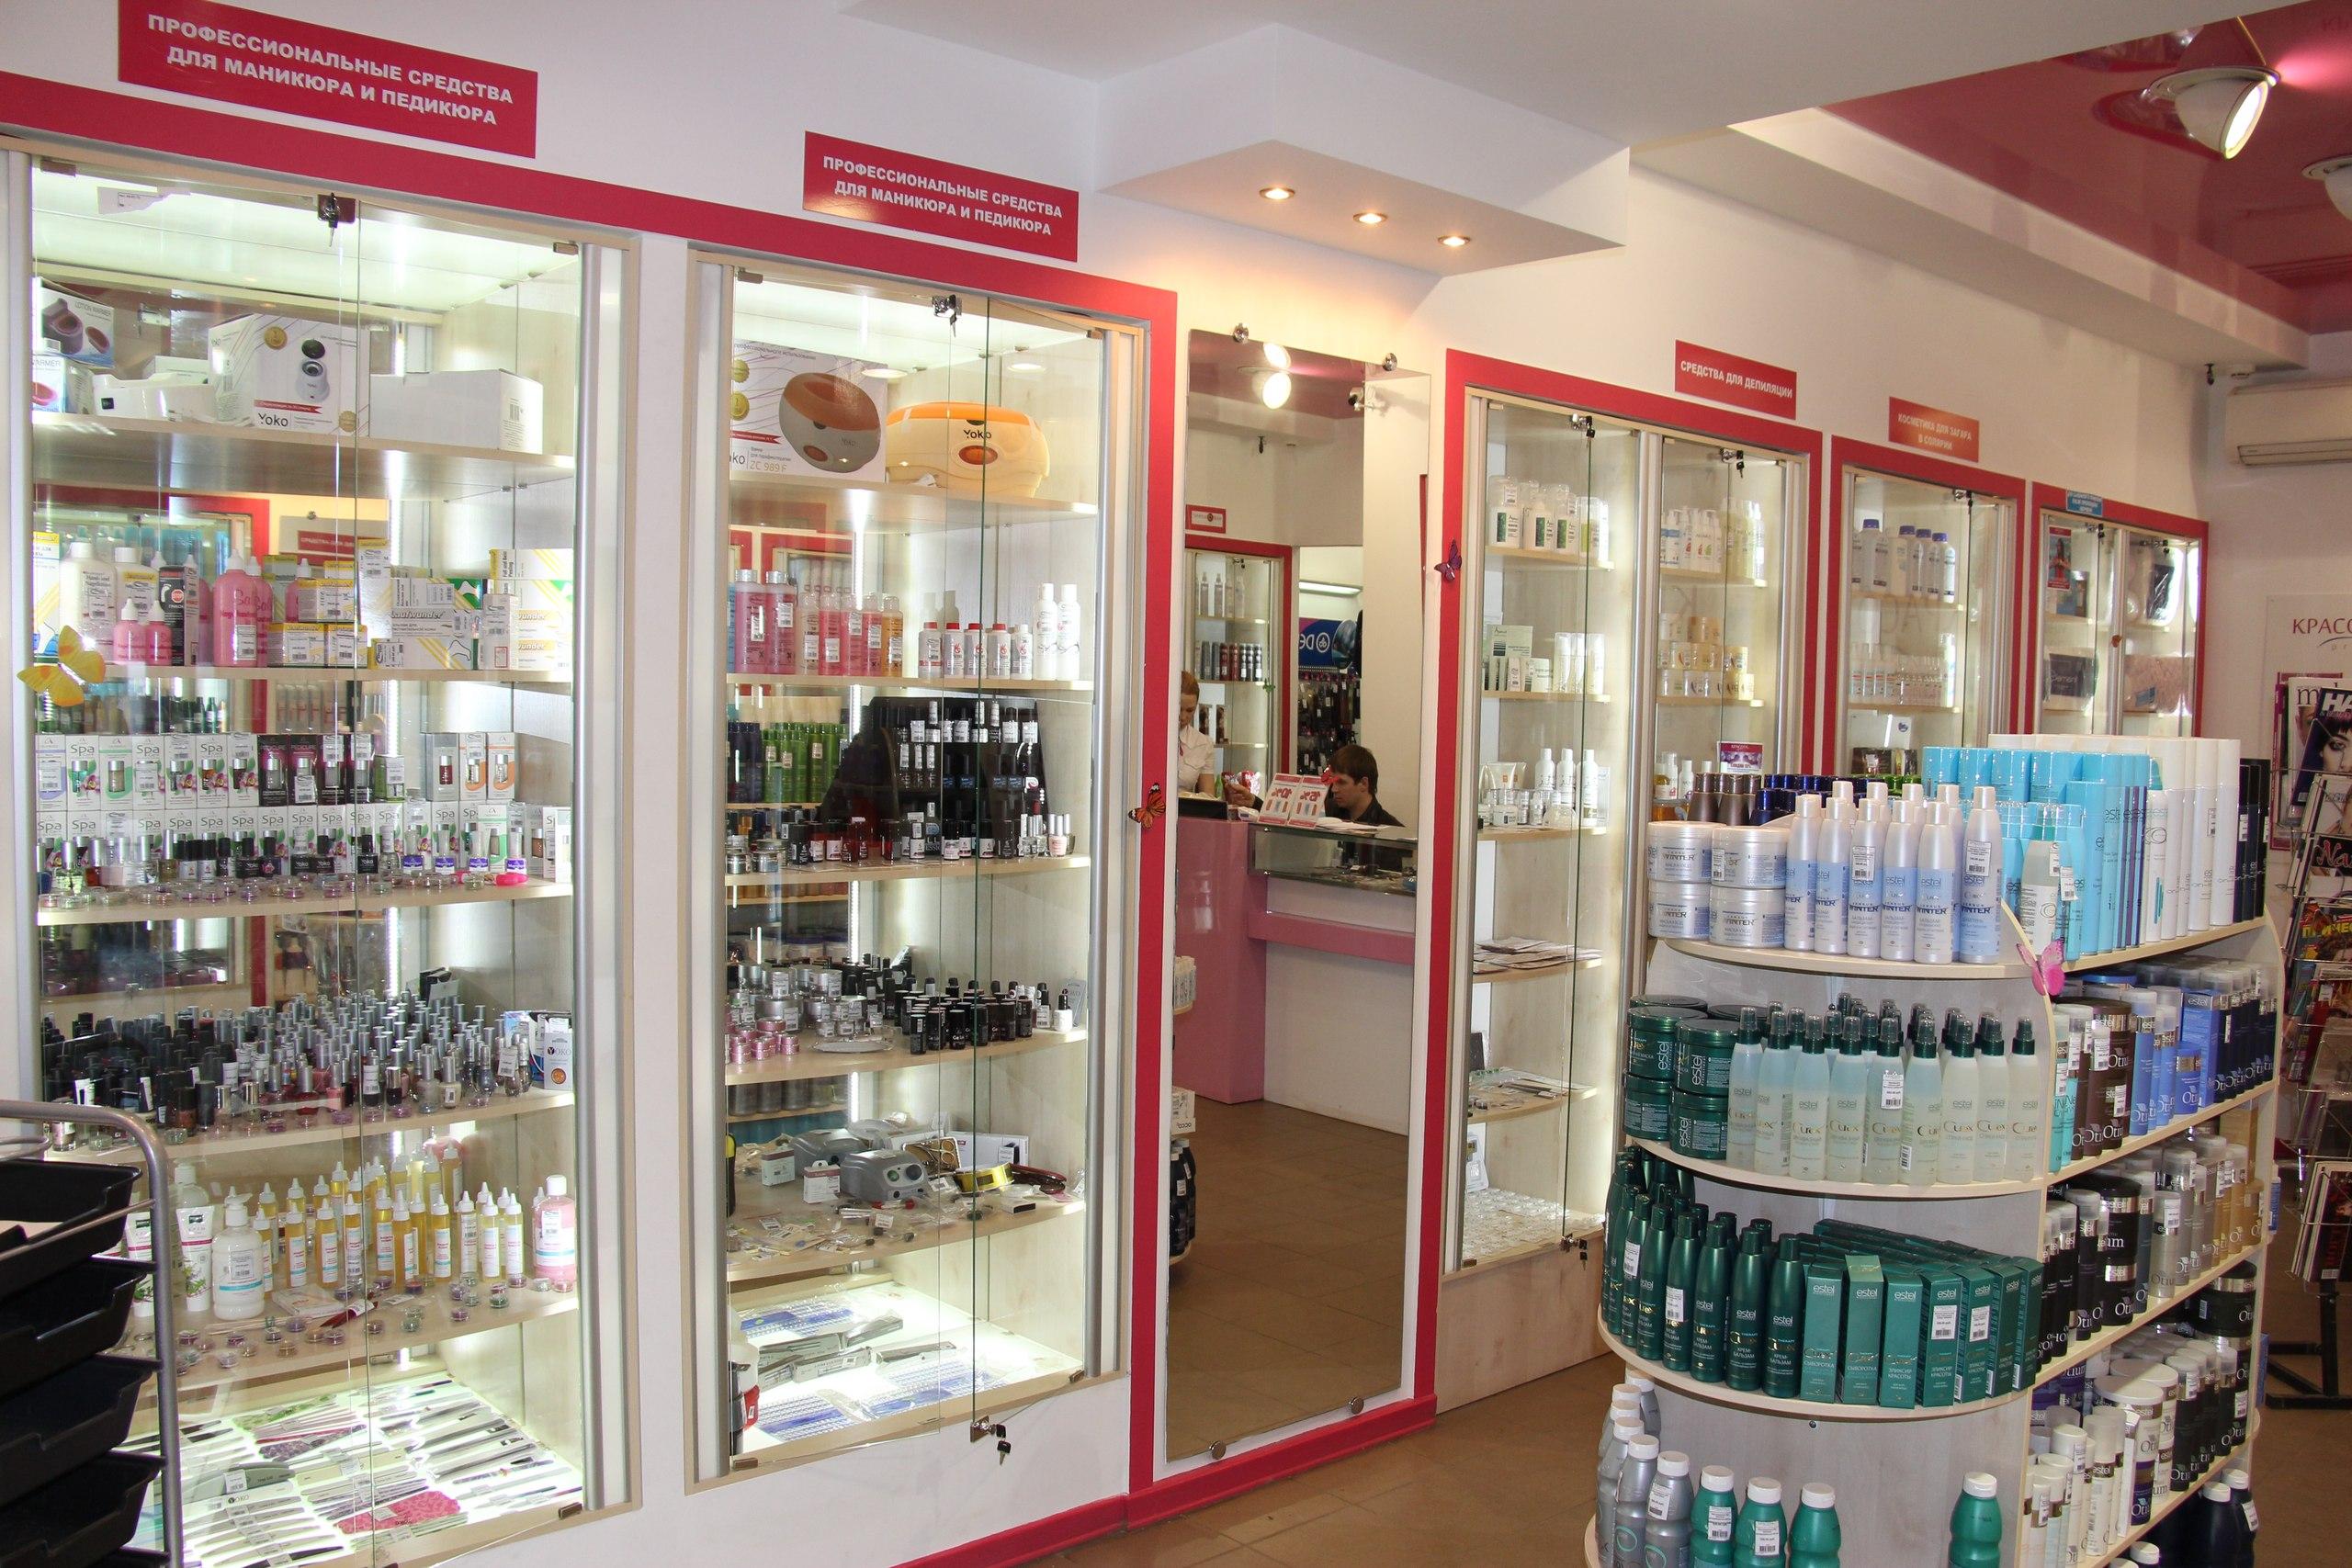 Где купить профессиональную косметику в брянске купит косметику фаберлик